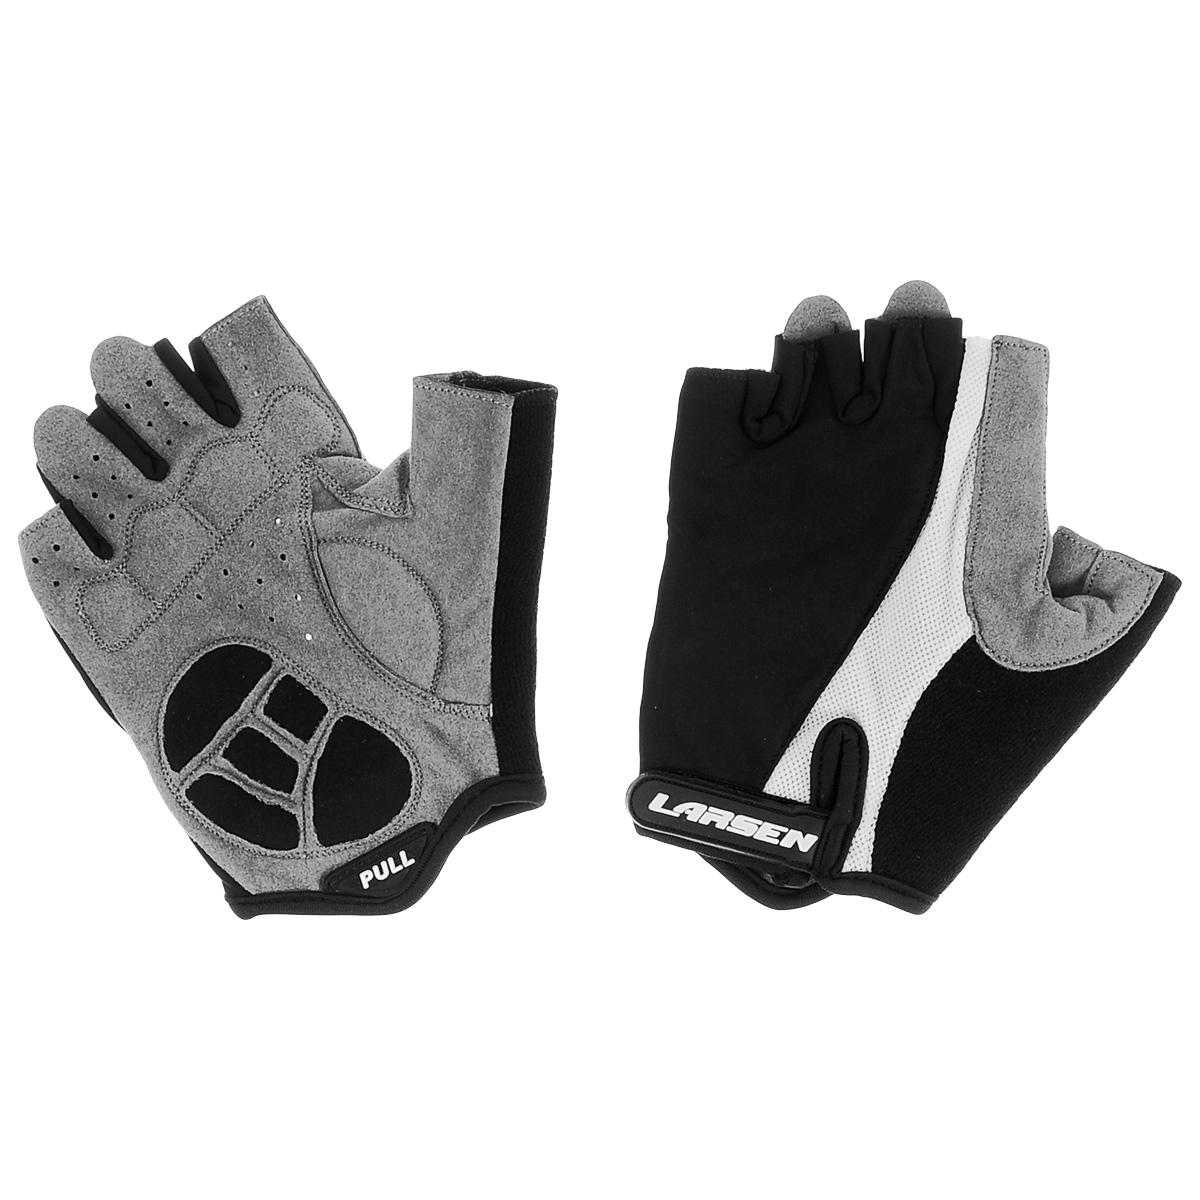 Велоперчатки Larsen, цвет: черный, серый, белый. Размер XL. 01-1226ГризлиВелоперчатки Larsen выполнены из высококачественного нейлона и амары. На ладонях расположены мягкие вставки для повышенного сцепления и системой Pull Off на пальцах. Застежка Velcro надежно фиксирует перчатки на руке. Сетка способствует хорошей вентиляции.